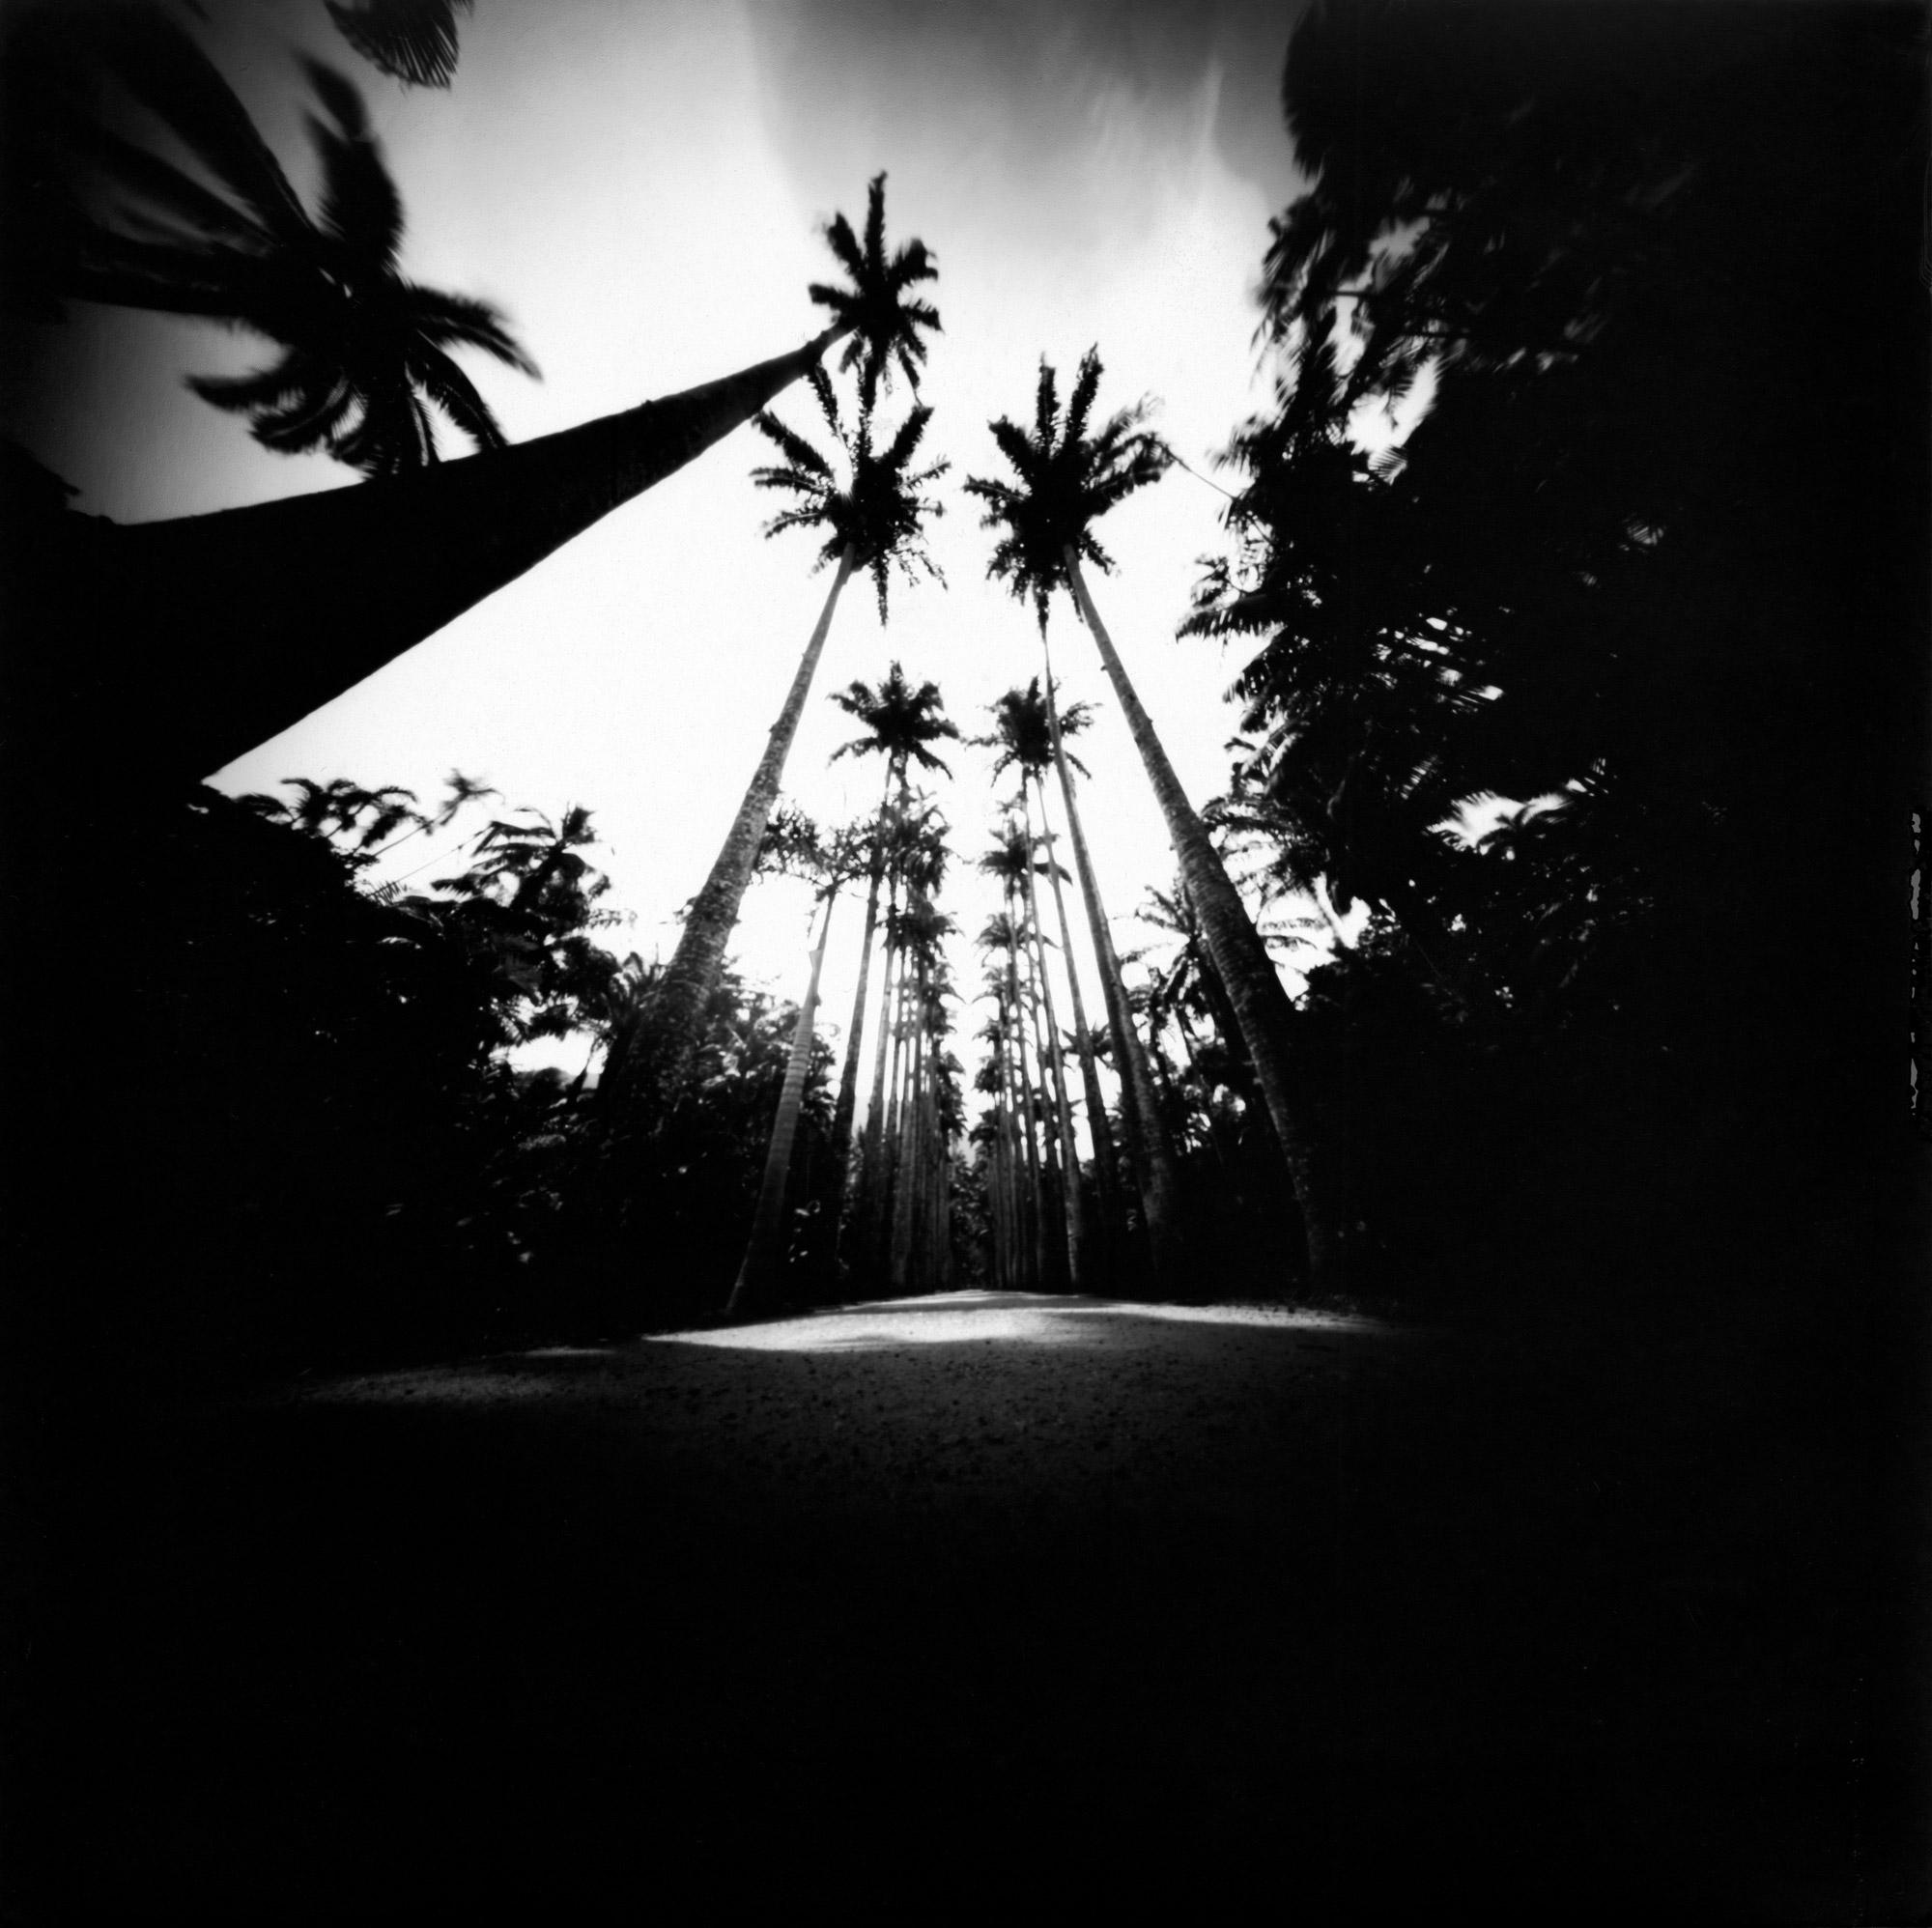 Jardim-Botanico-1_PB